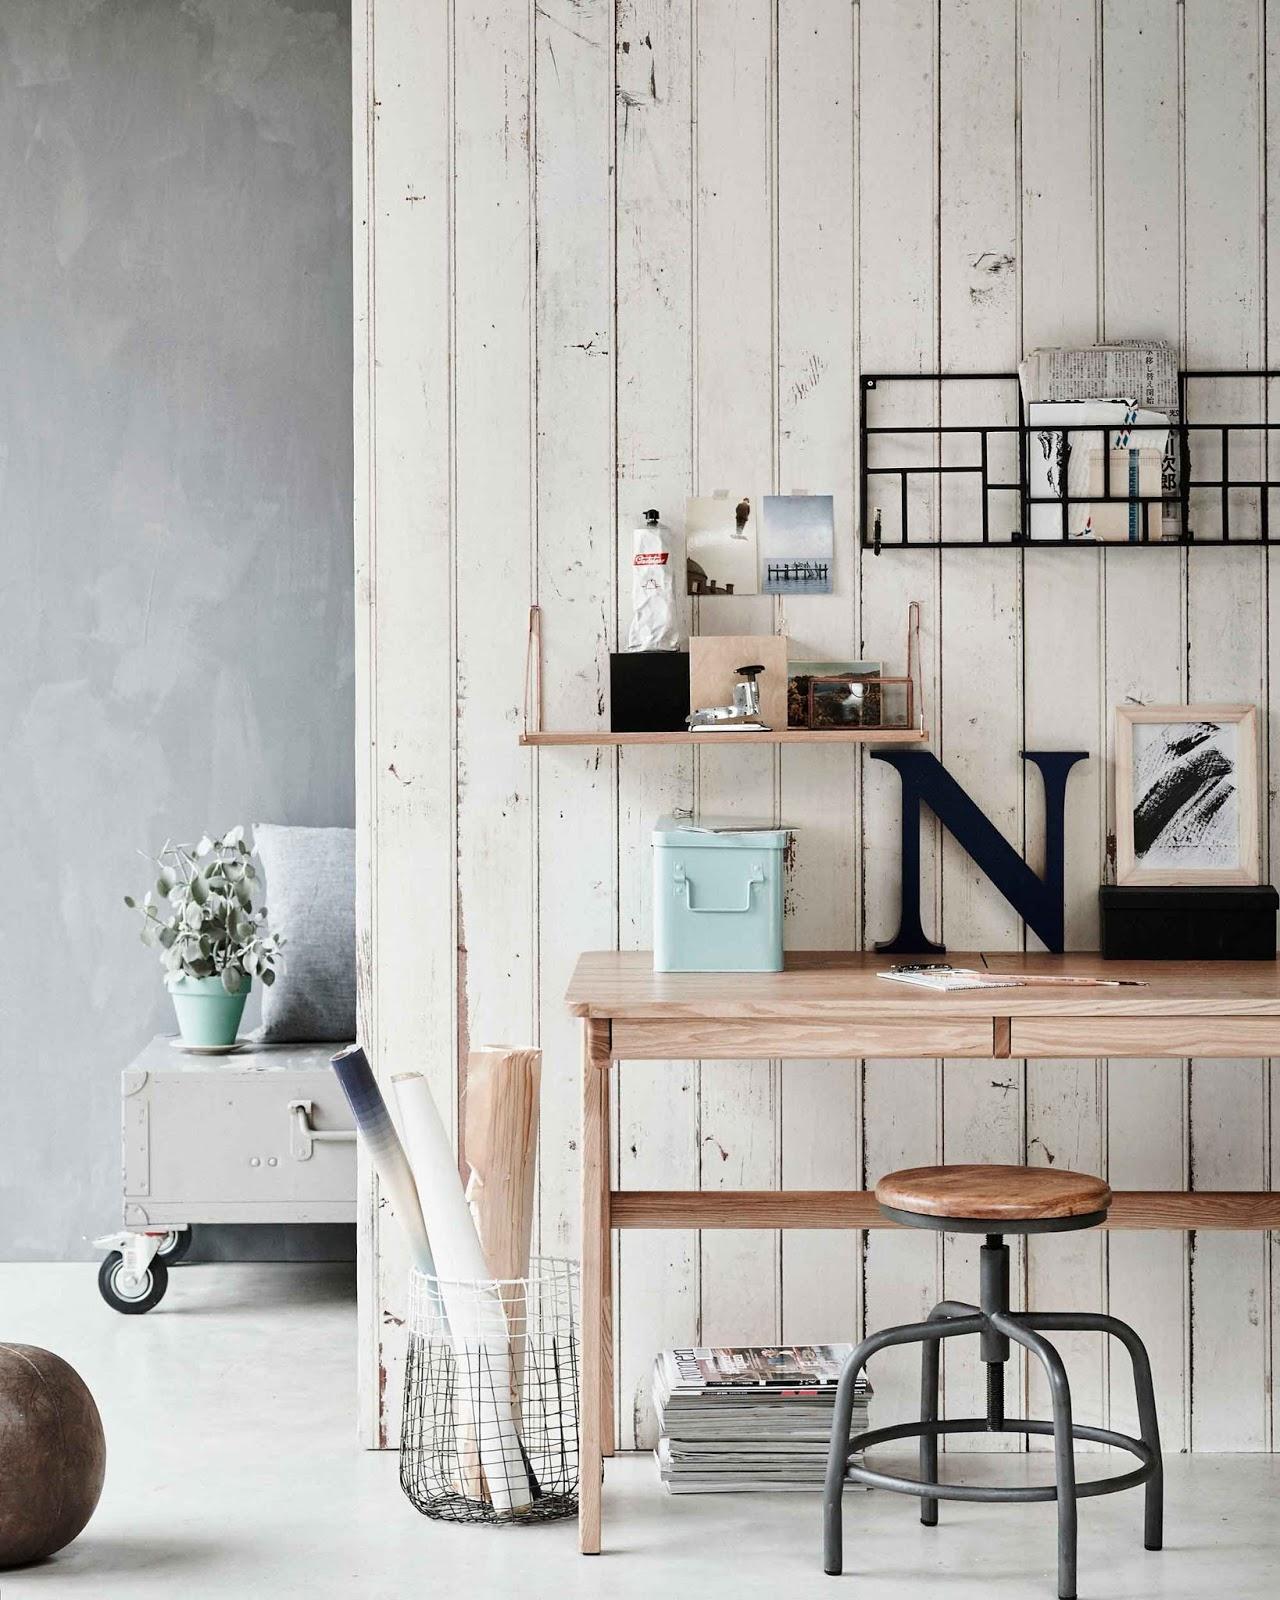 zona de trabajo en casa escritorio decoracion interiorismo barcelona alquimia deco low cost lowcost